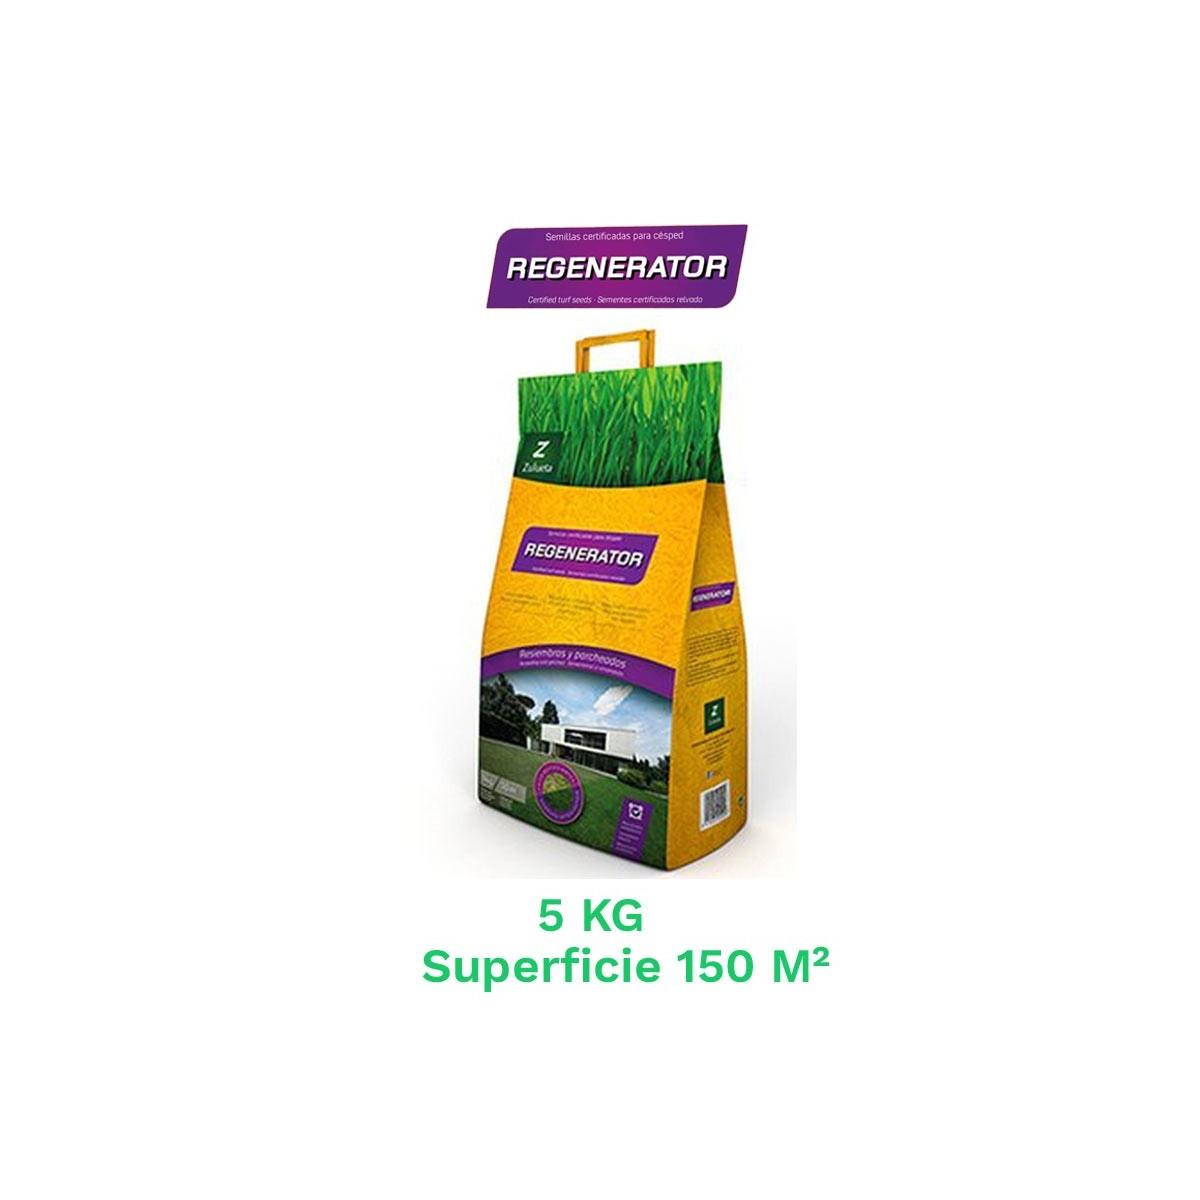 Saco 5 kg semillas cesped resiembra regenerator